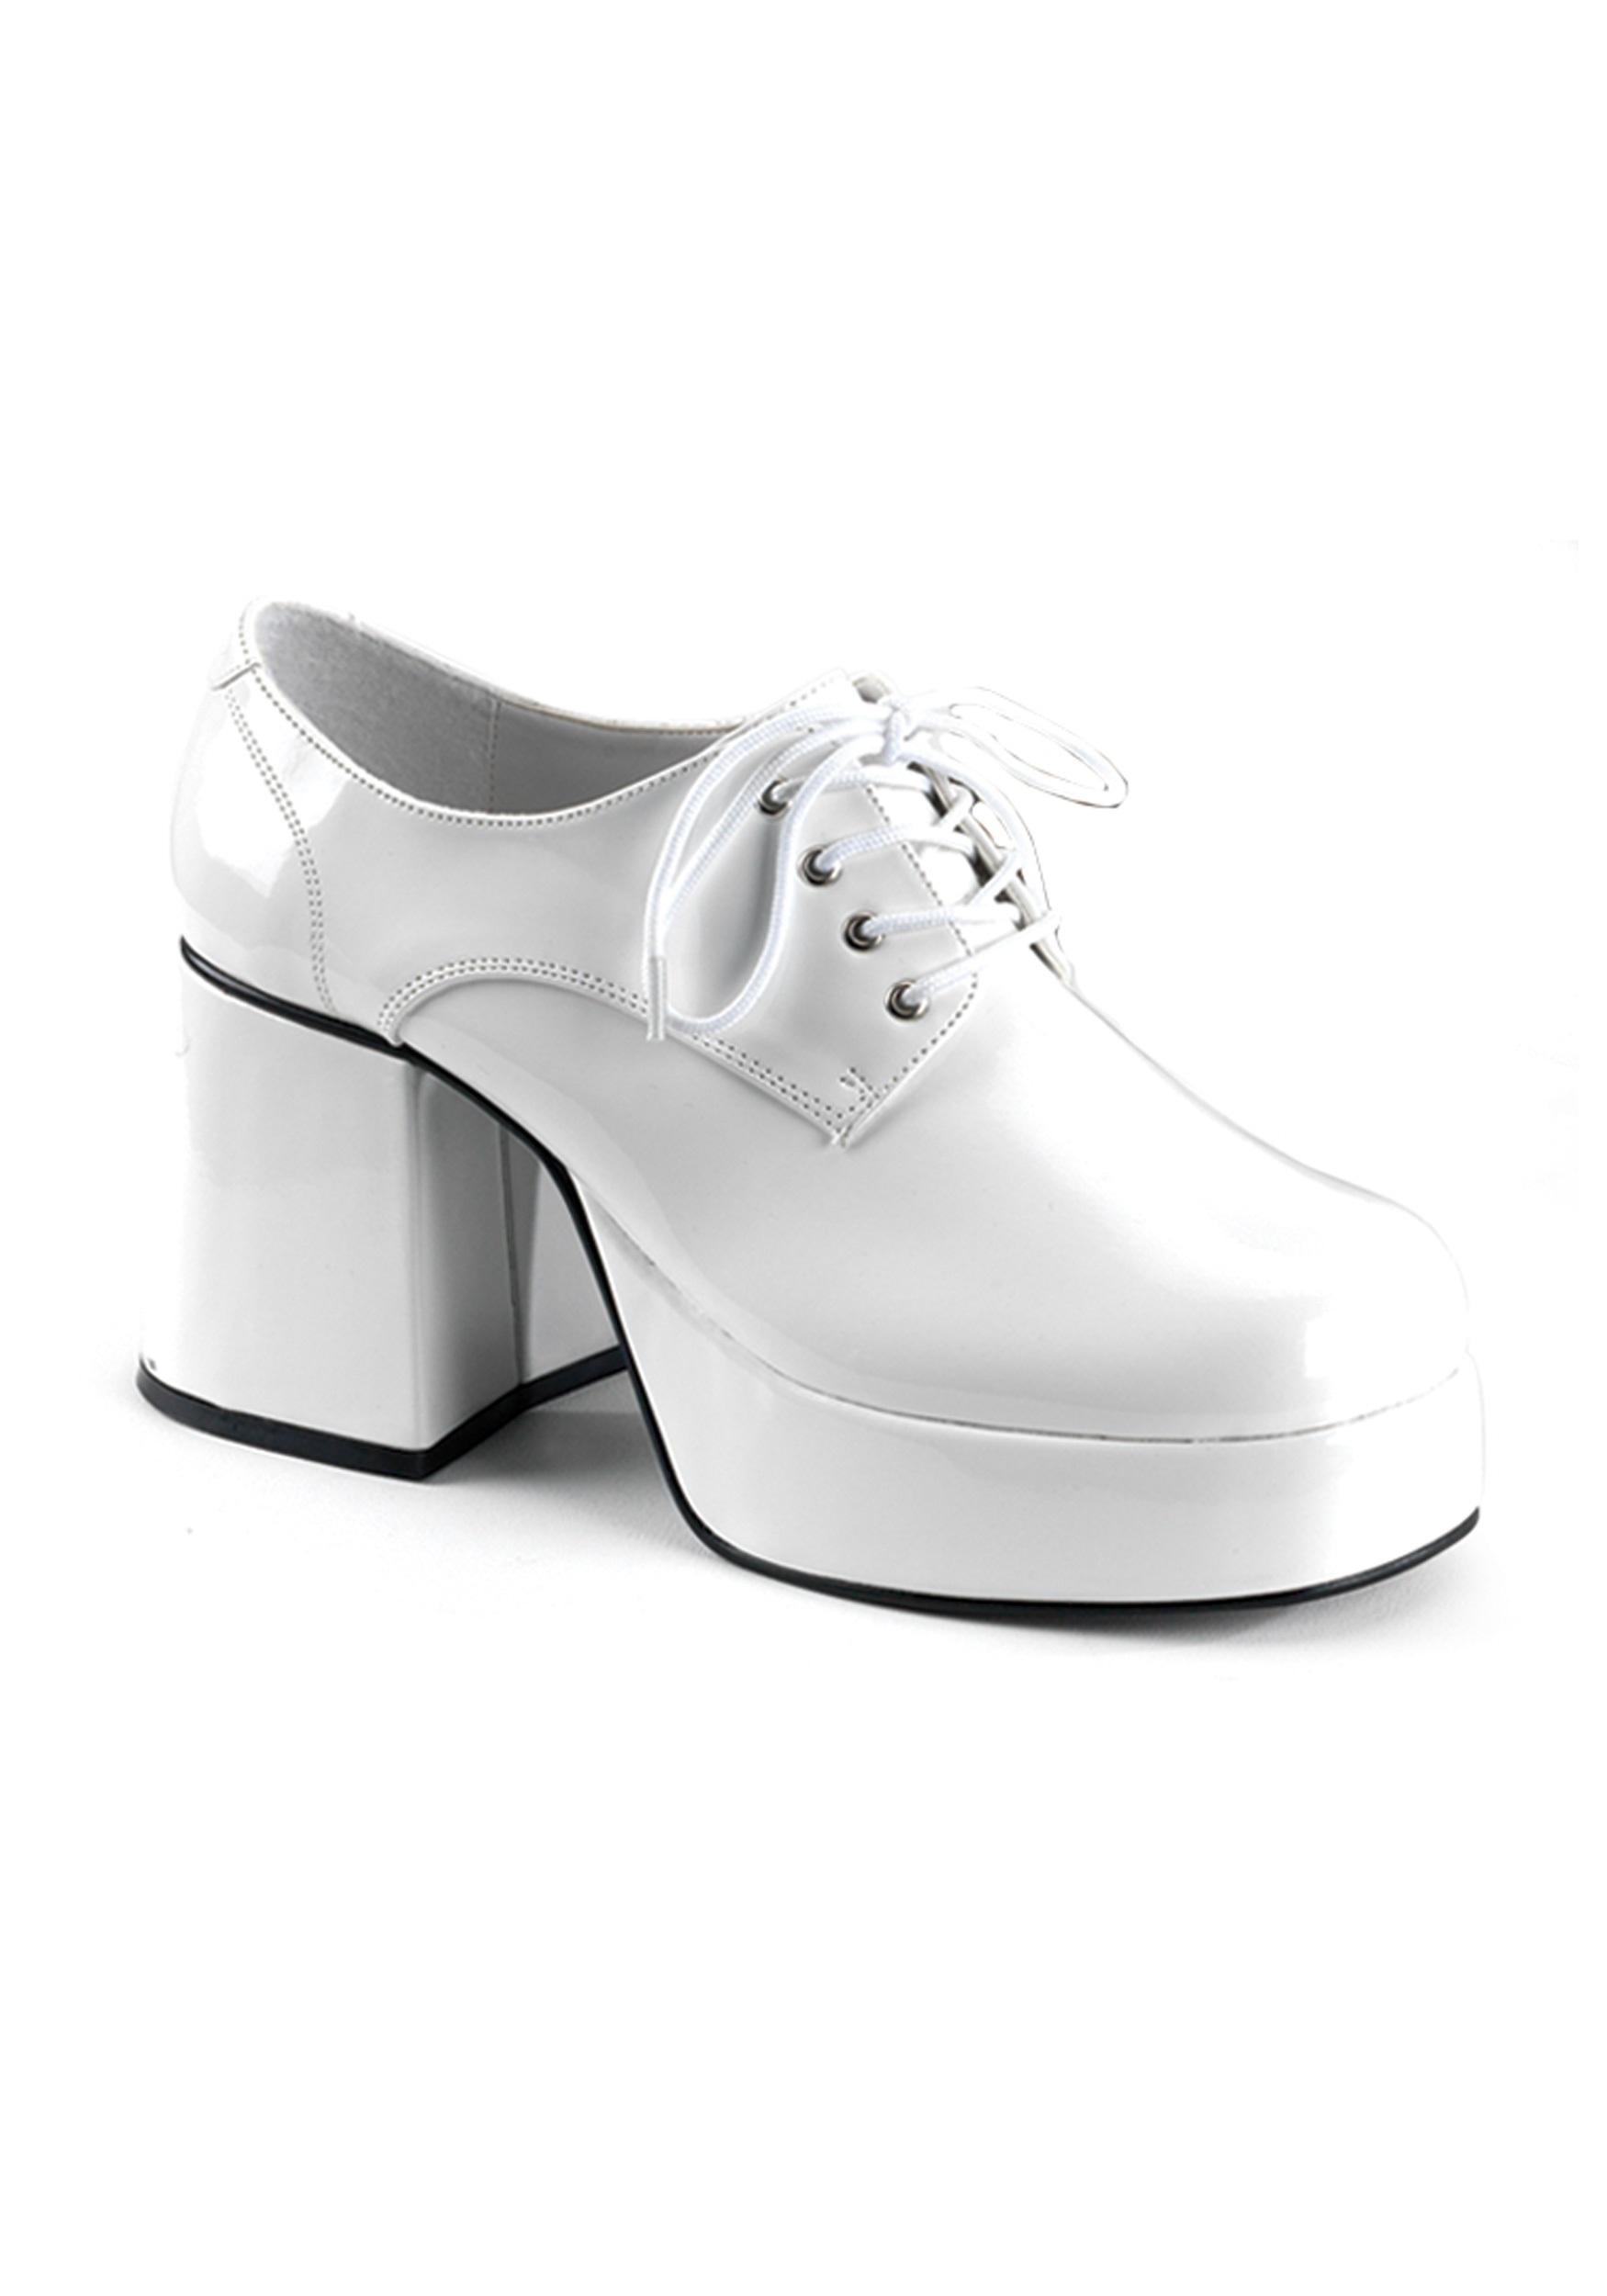 669c465d33dd Men s Platform Shoes